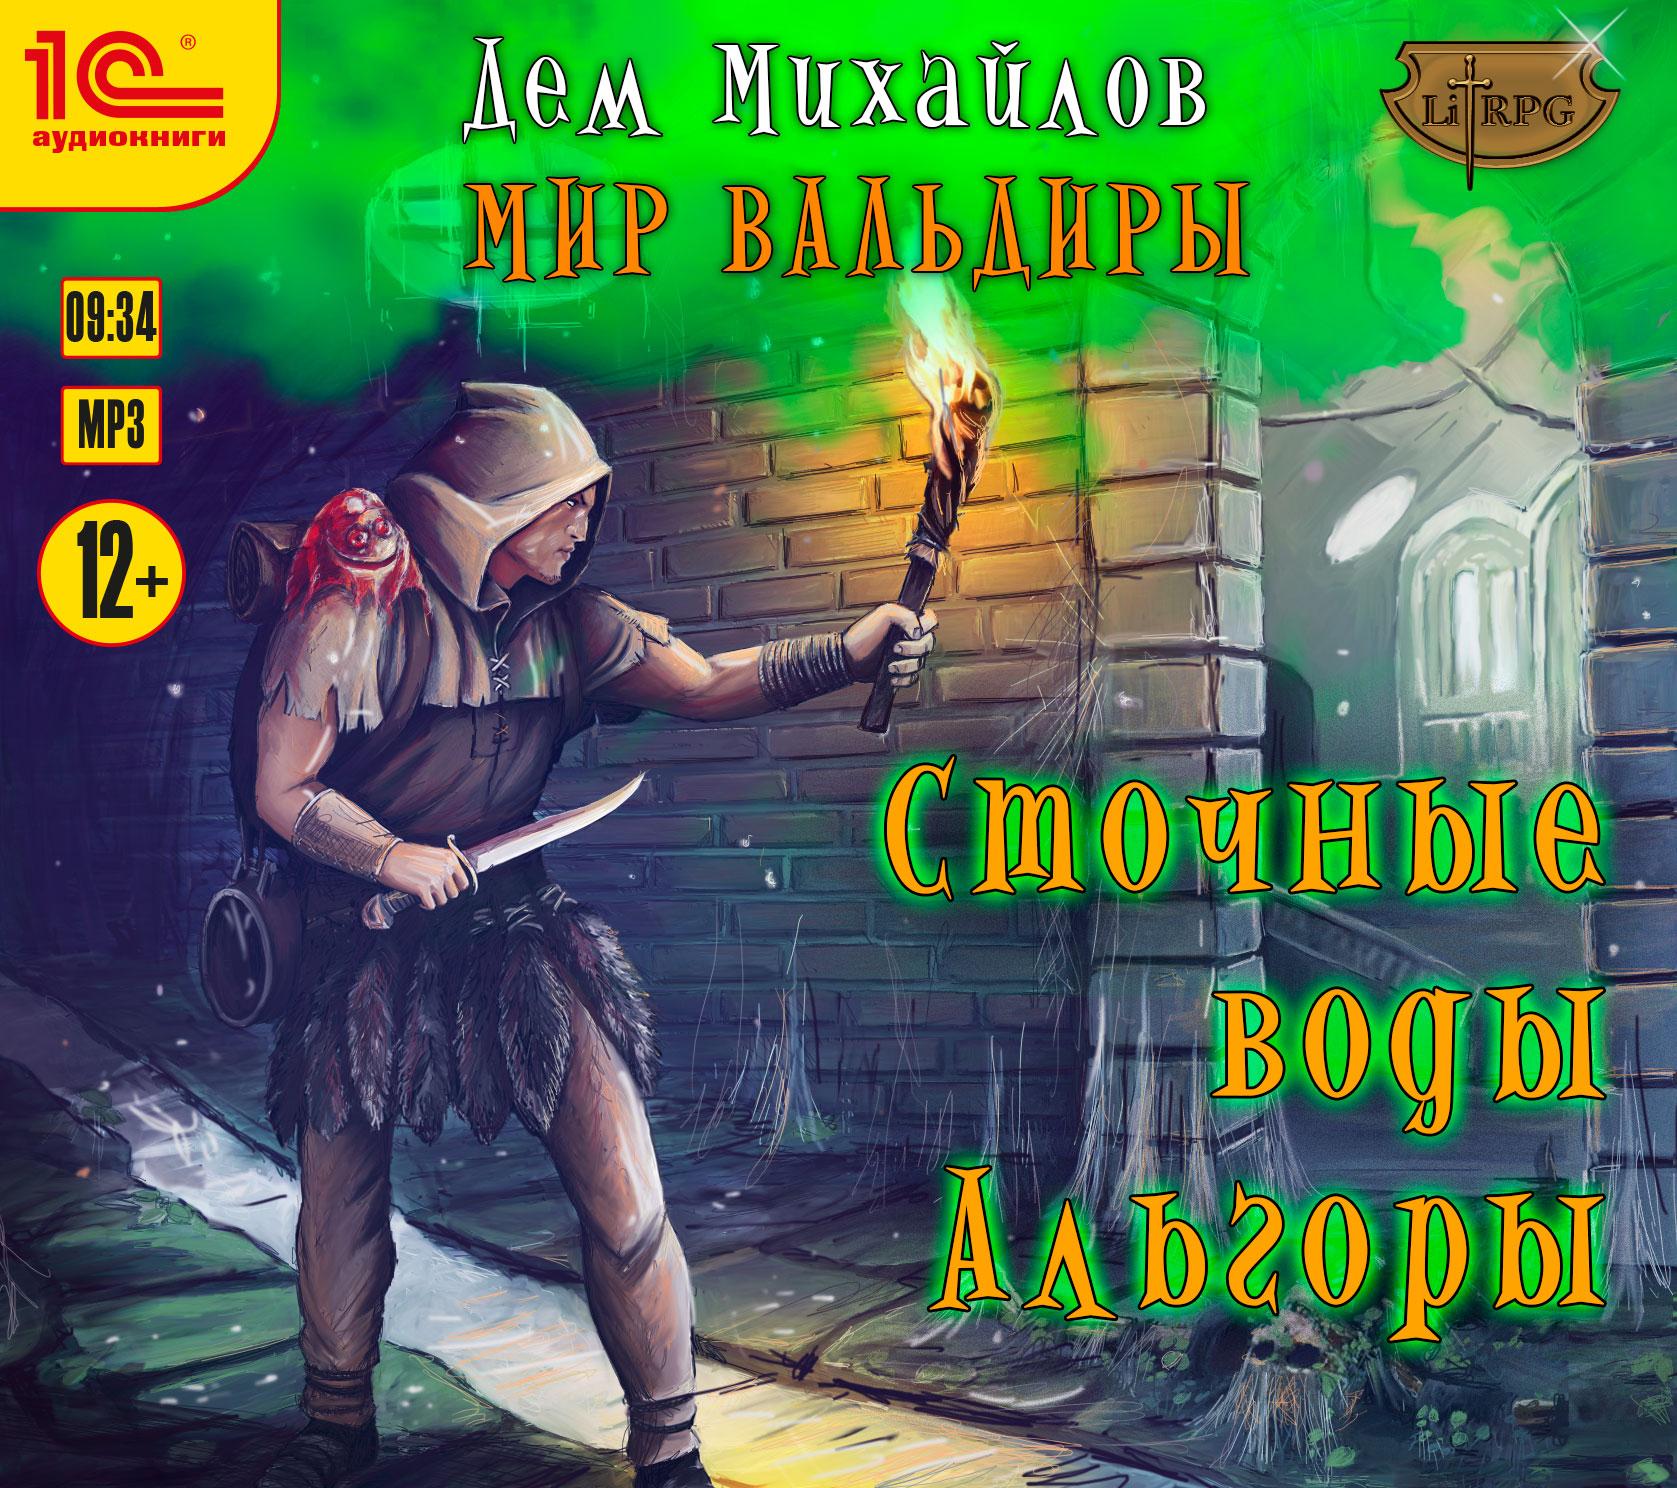 Дем Михайлов Сточные воды Альгоры дем михайлов темнотропье